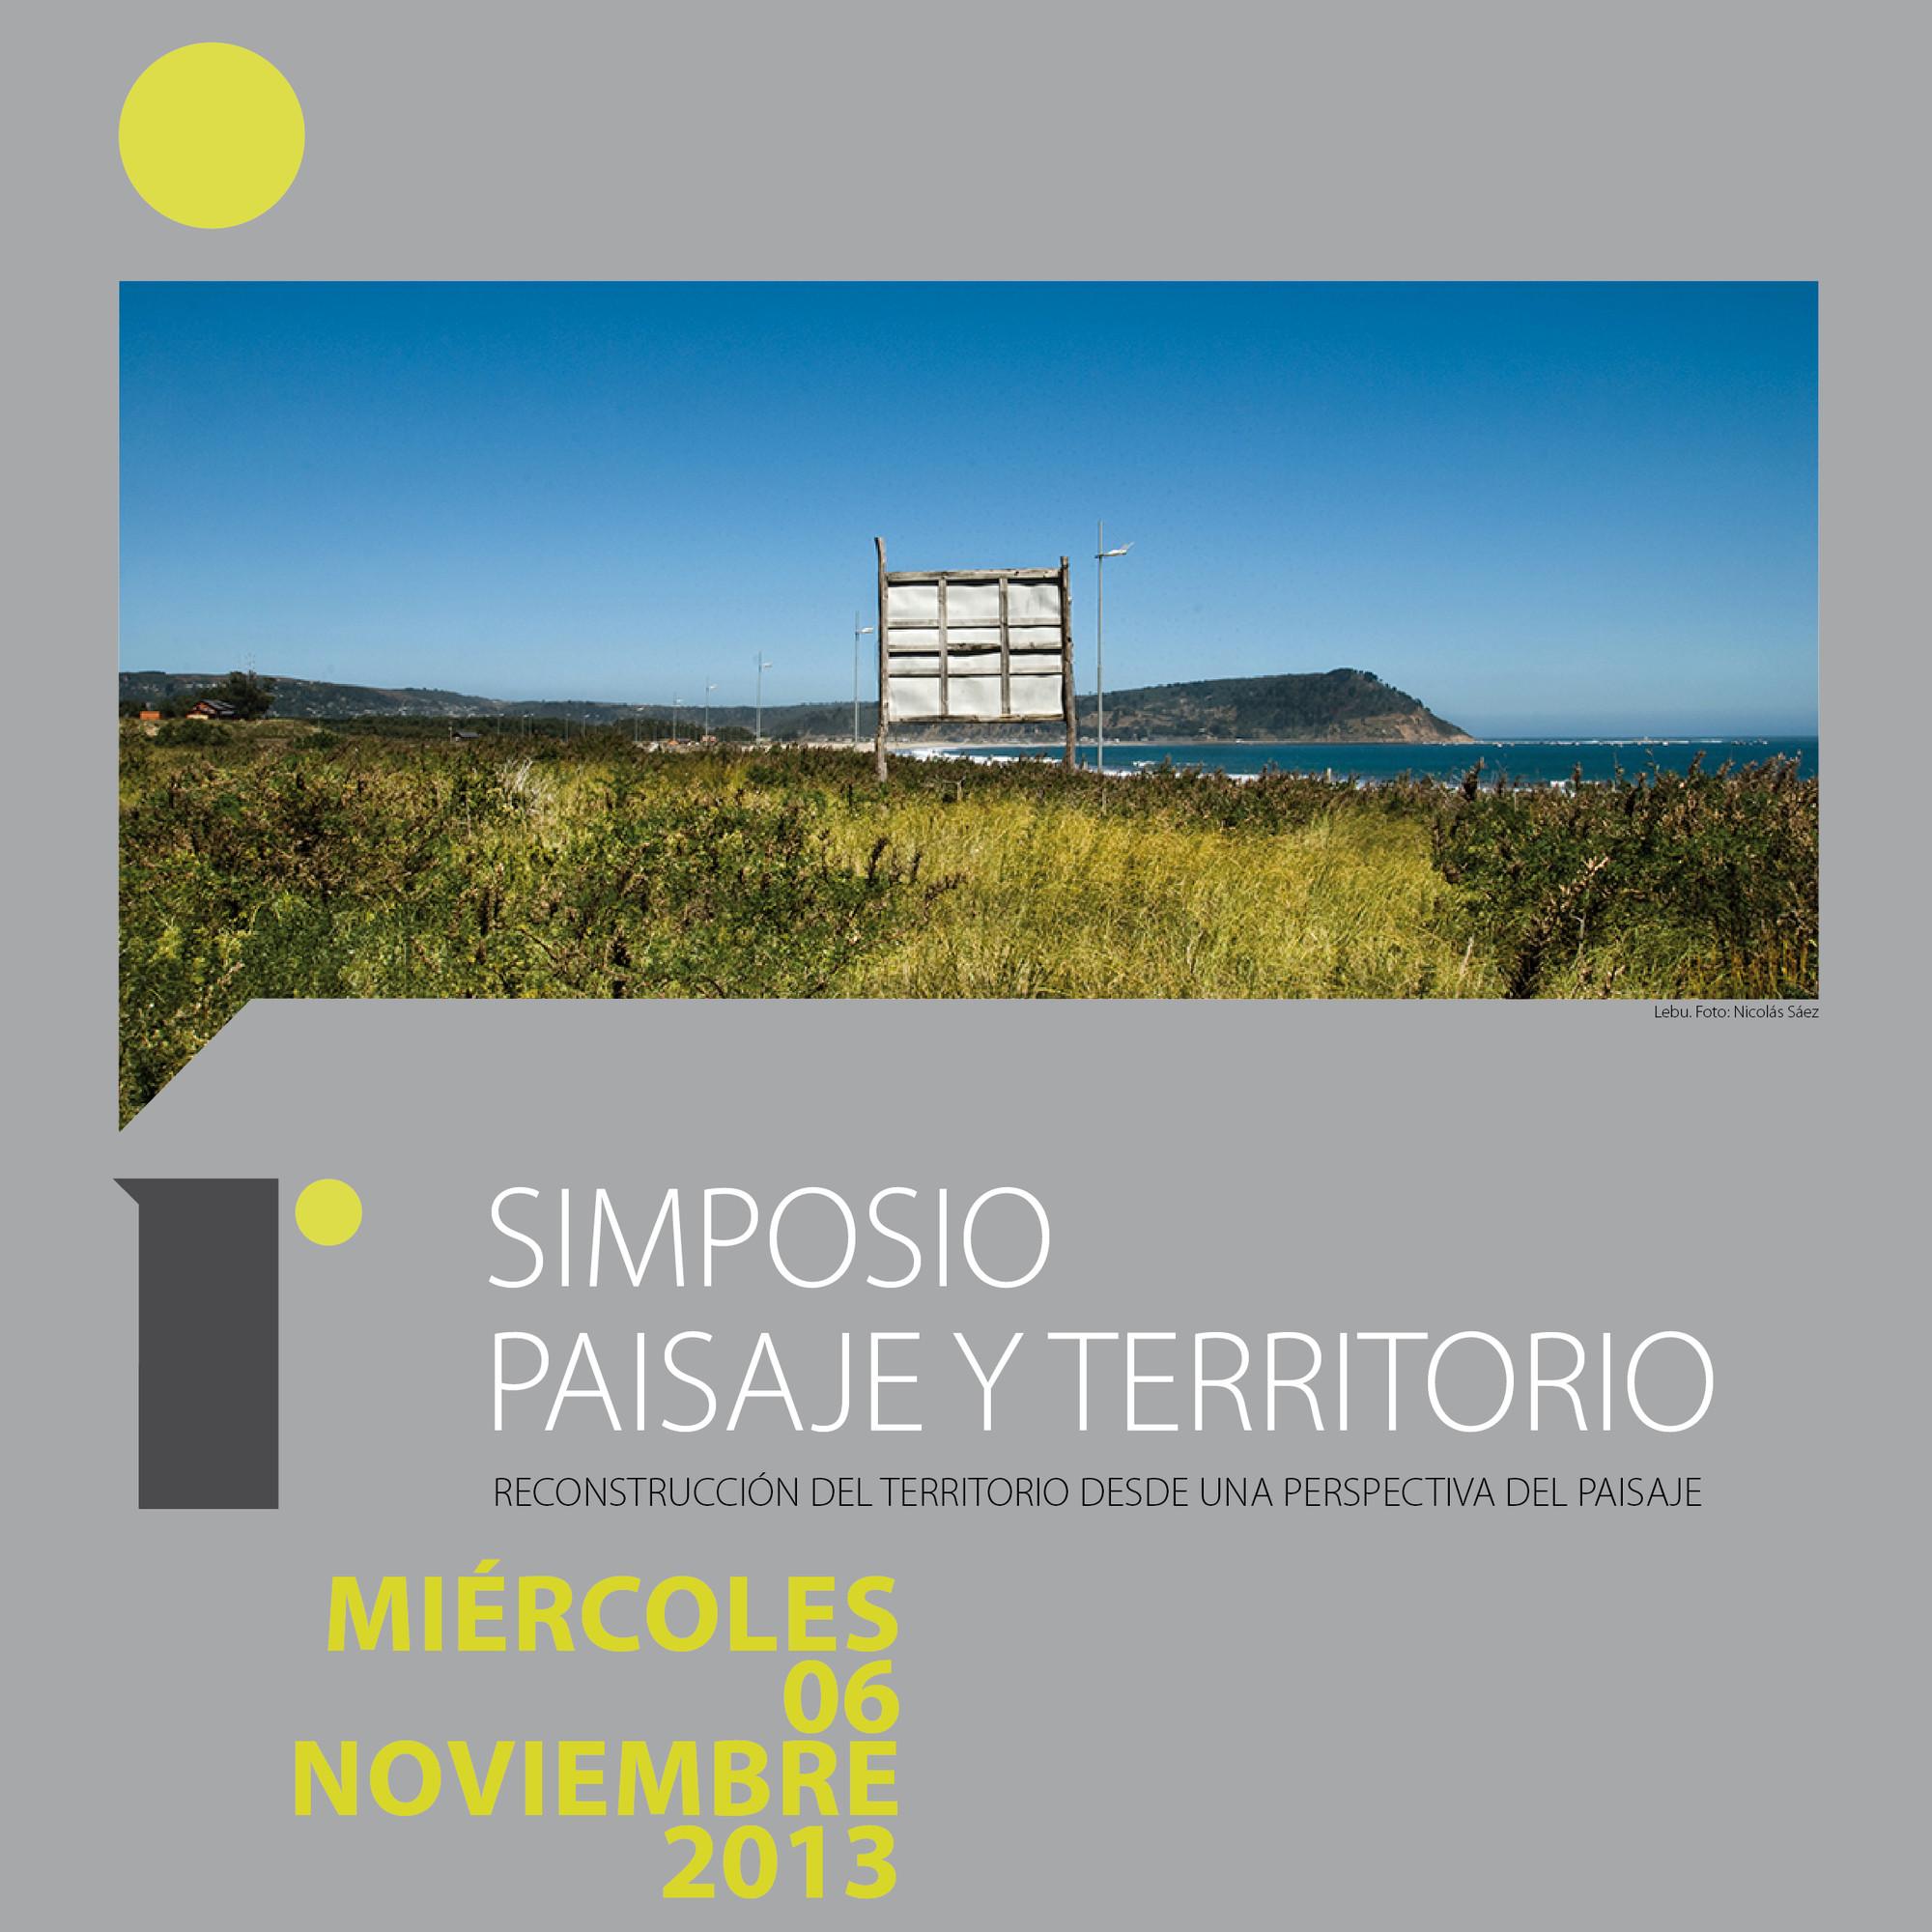 1º Simposio Paisaje y Territorio + Concurso de Fotografía / UBB, Courtesy of UBB